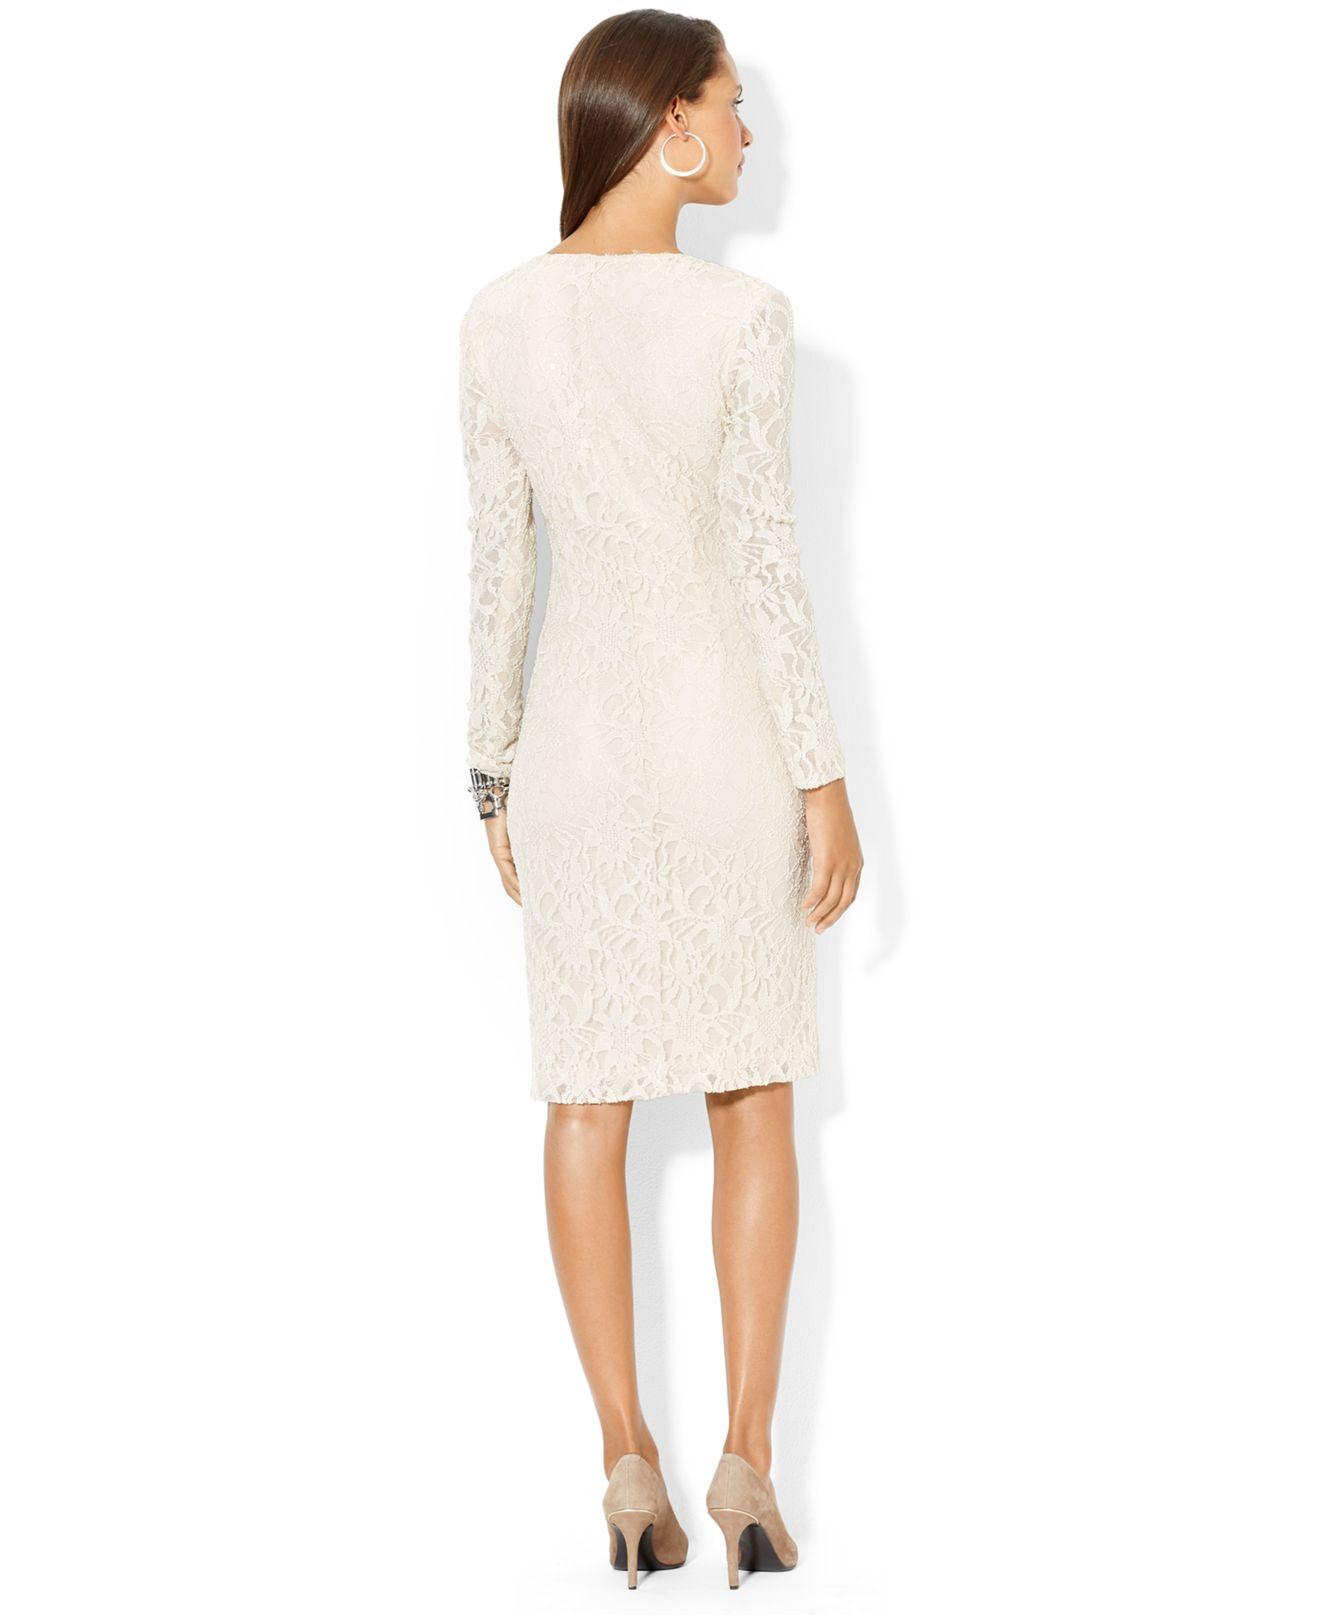 7cff3fb42 Lauren by Ralph Lauren Sequined-Lace Surplice Dress in Natural - Lyst